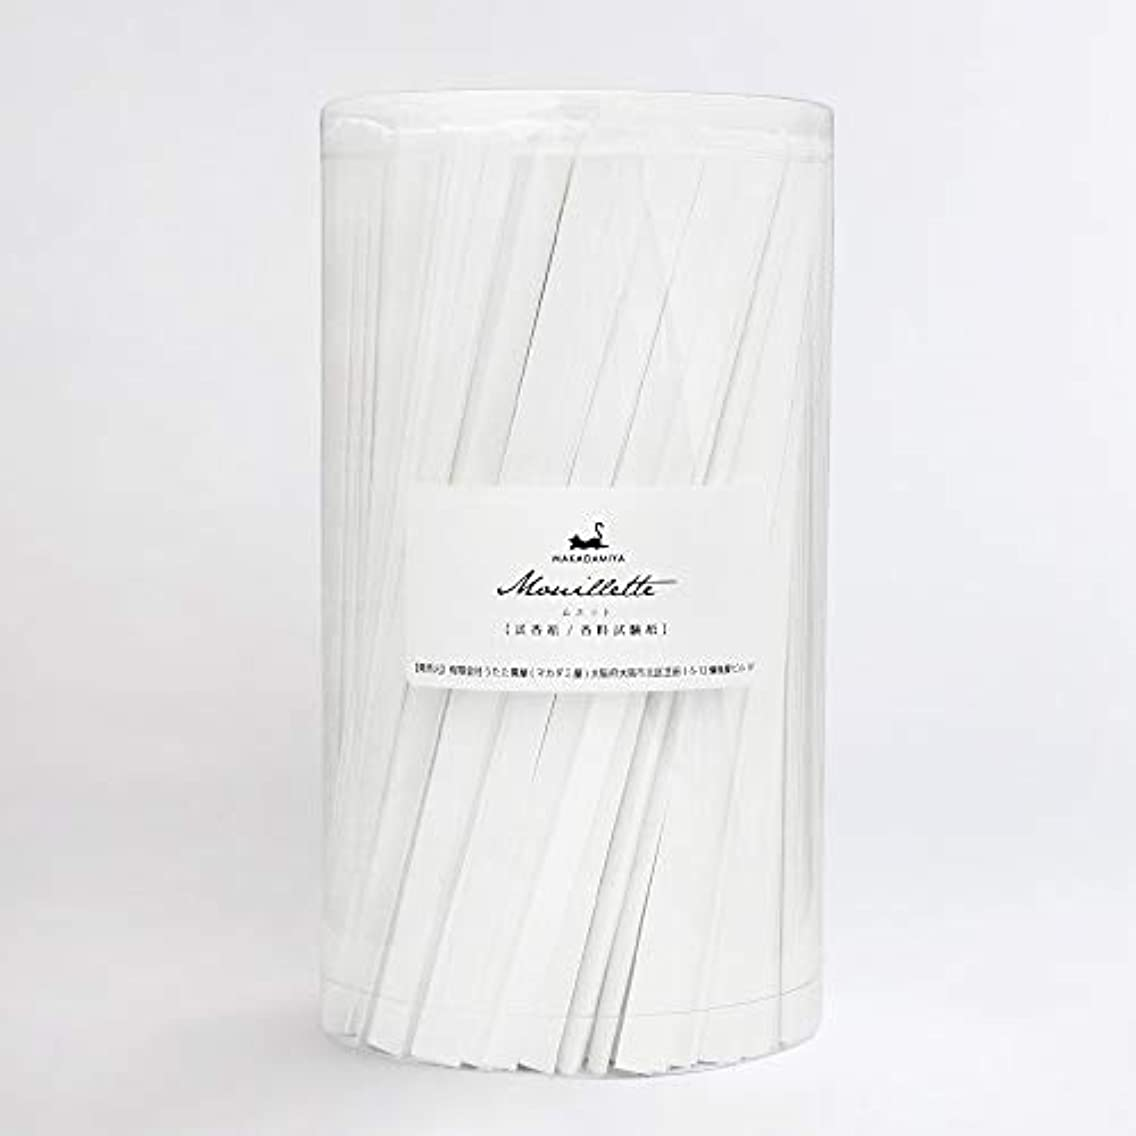 暫定解き明かすレイアウトムエット1000本入り 大容量 プロ用(アロマ検定試験対応 試香紙 香料試験紙) マカダミ屋